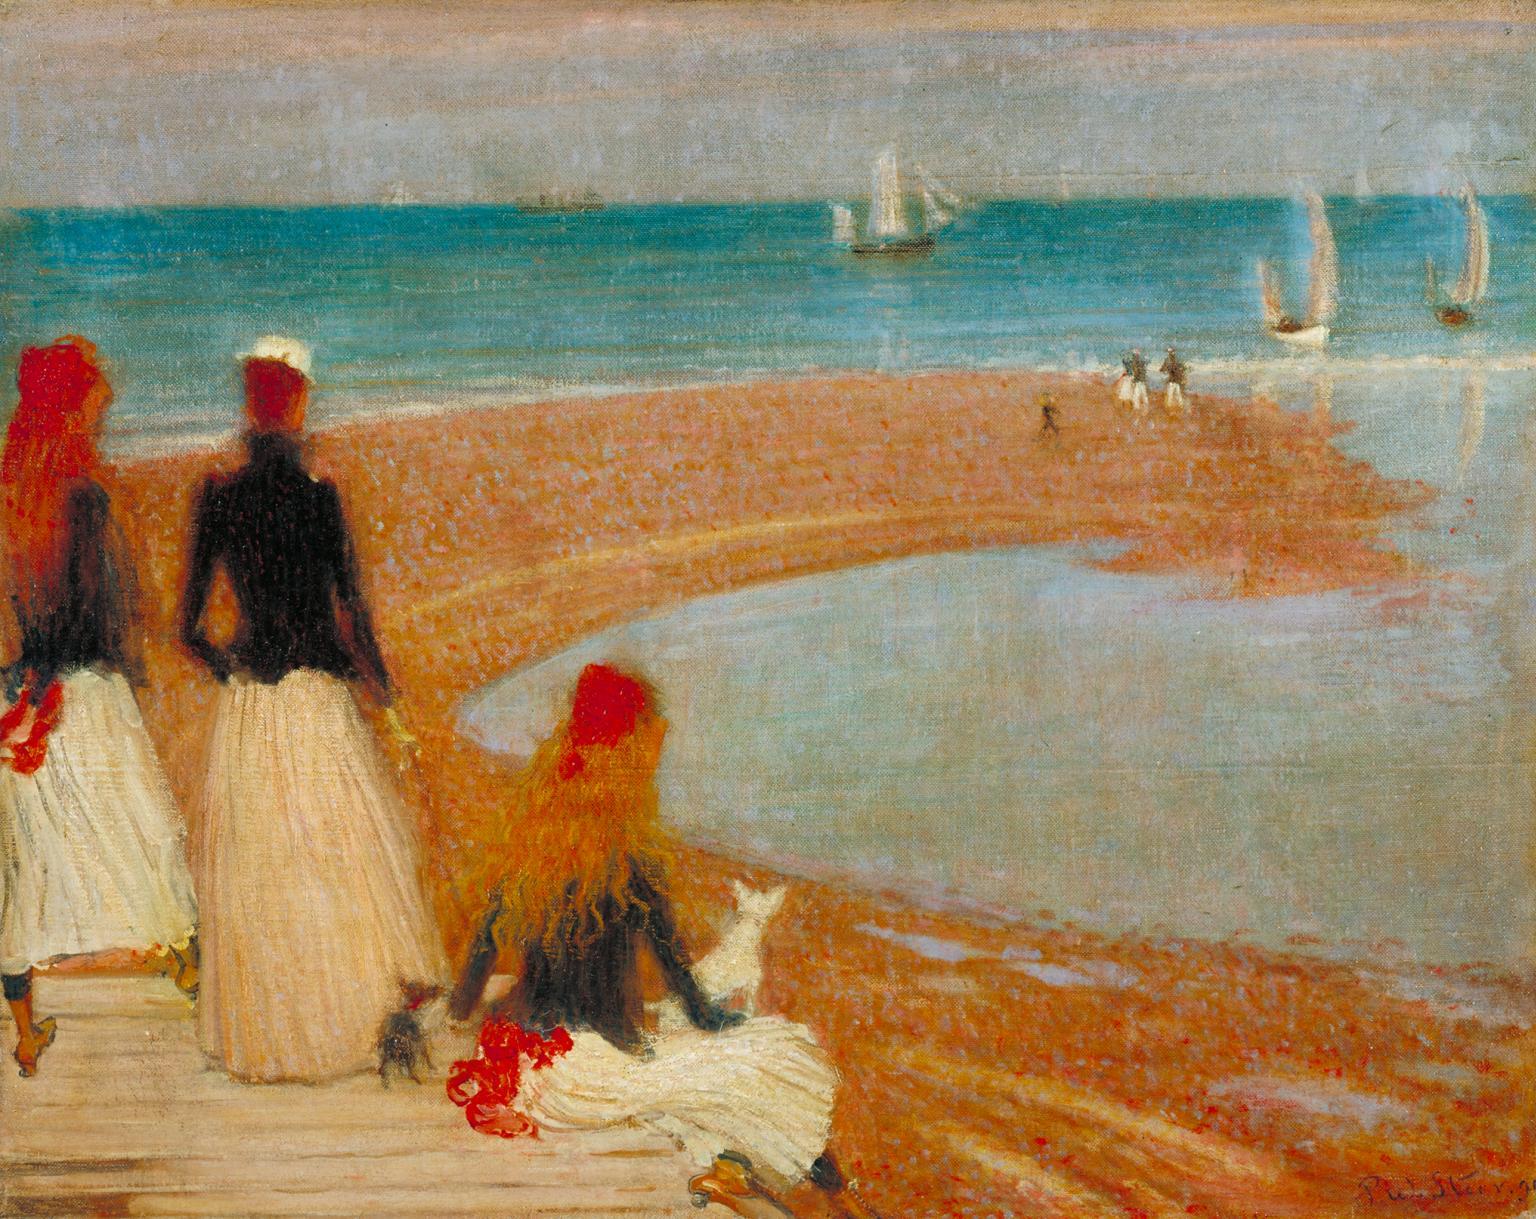 Philip Wilson Steer .The Beach at Walberswick (1889)